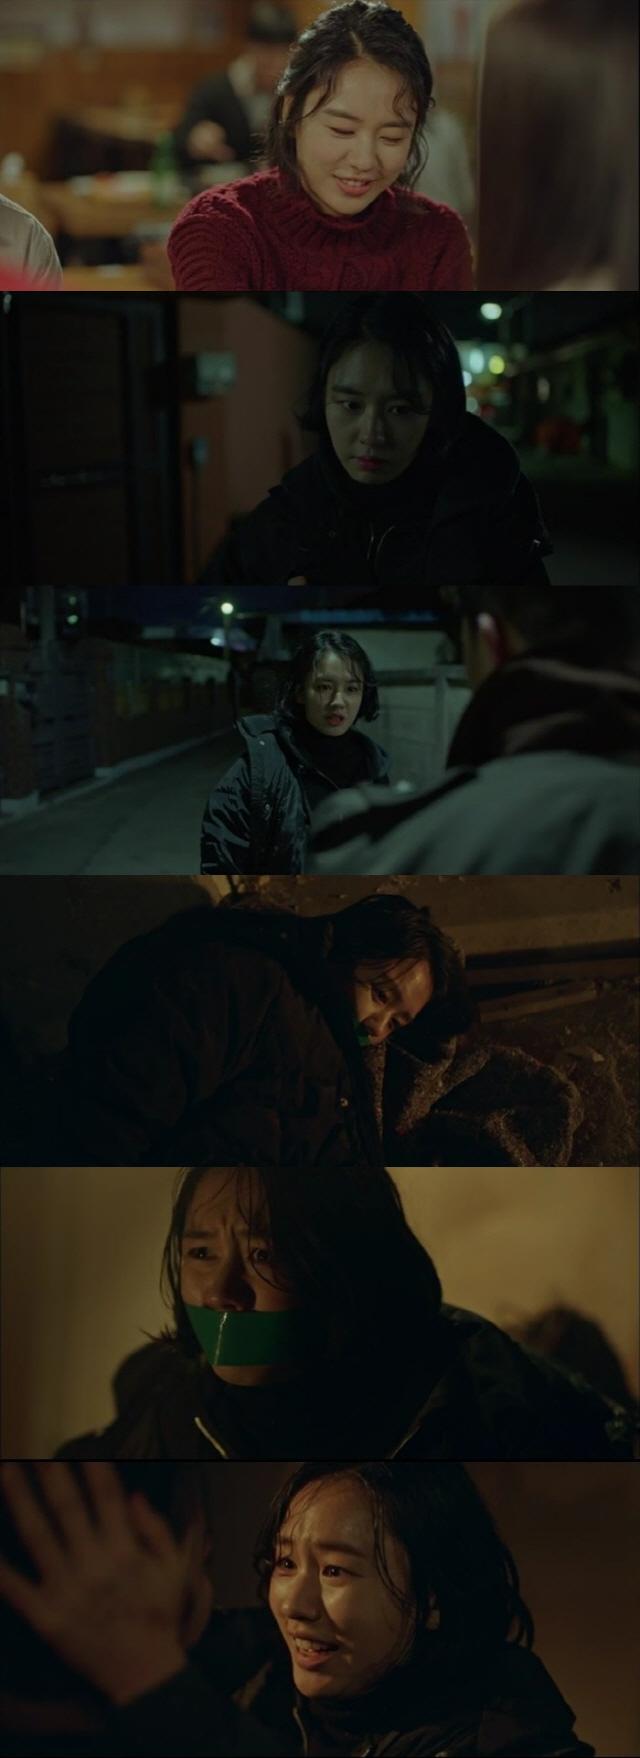 '빙의' 안은진, 박상민의 공격 받고 치열한 몸싸움 끝에 정신 잃어